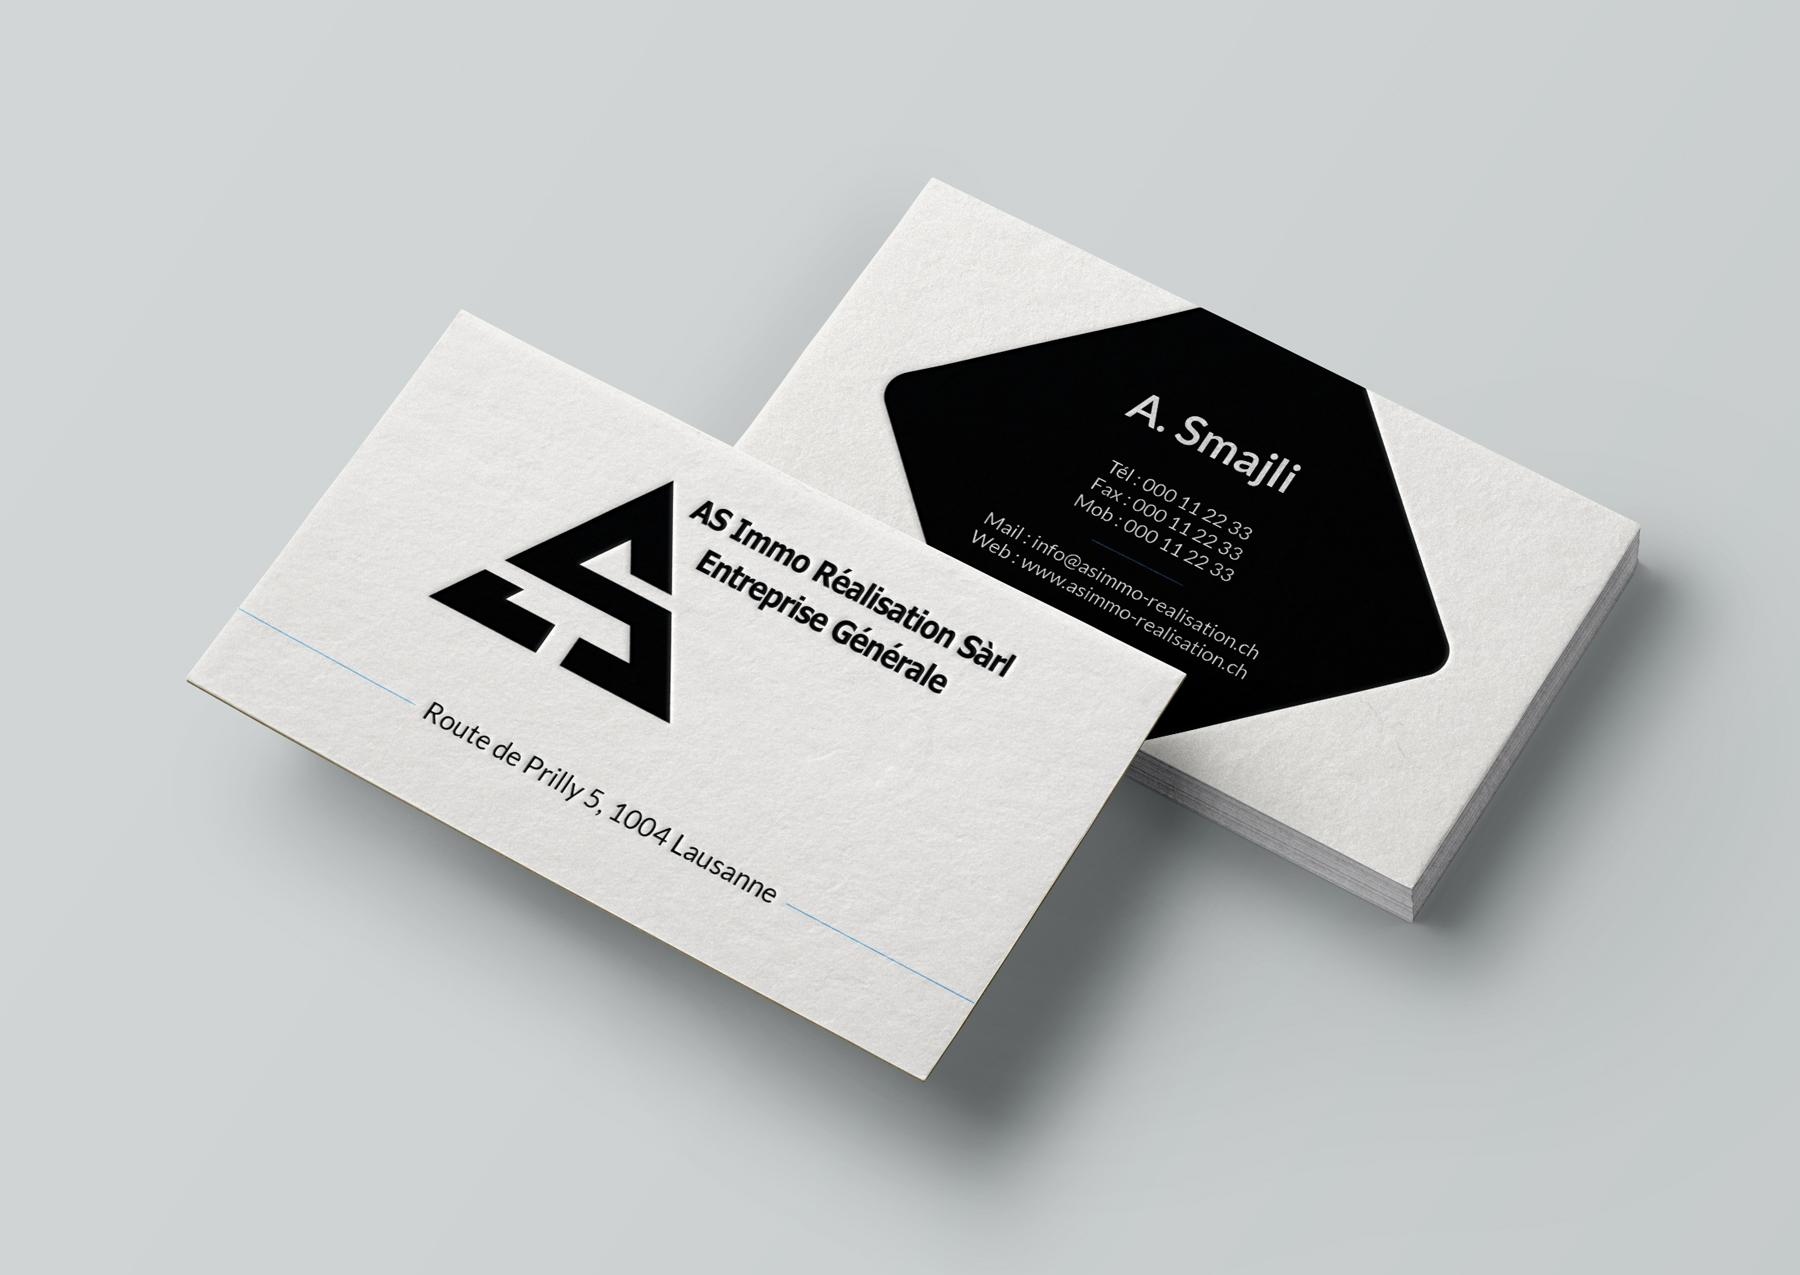 Cartes de visite, design et impression de cartes de visite personalisées (1)